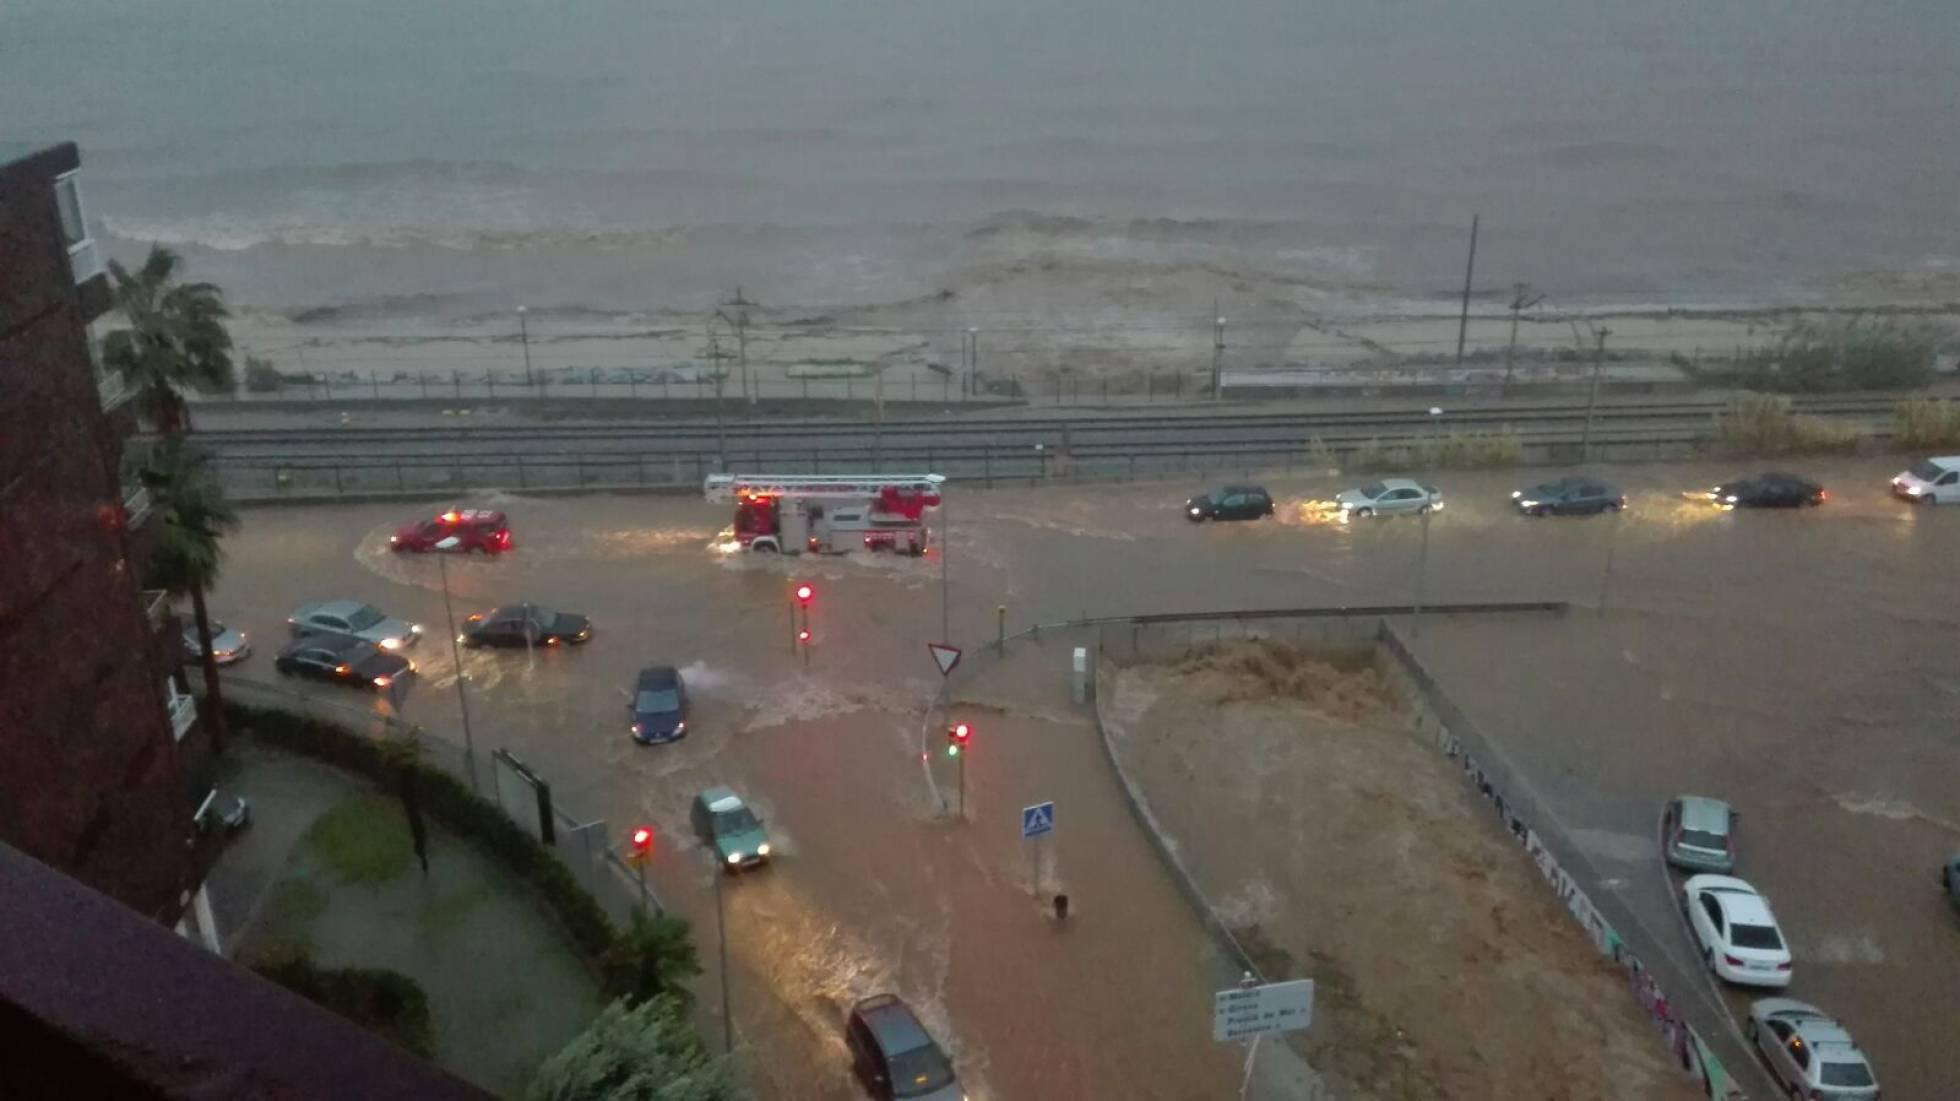 Maltempo in Spagna: un morto per le inondazioni in Catalogna [GALLERY]